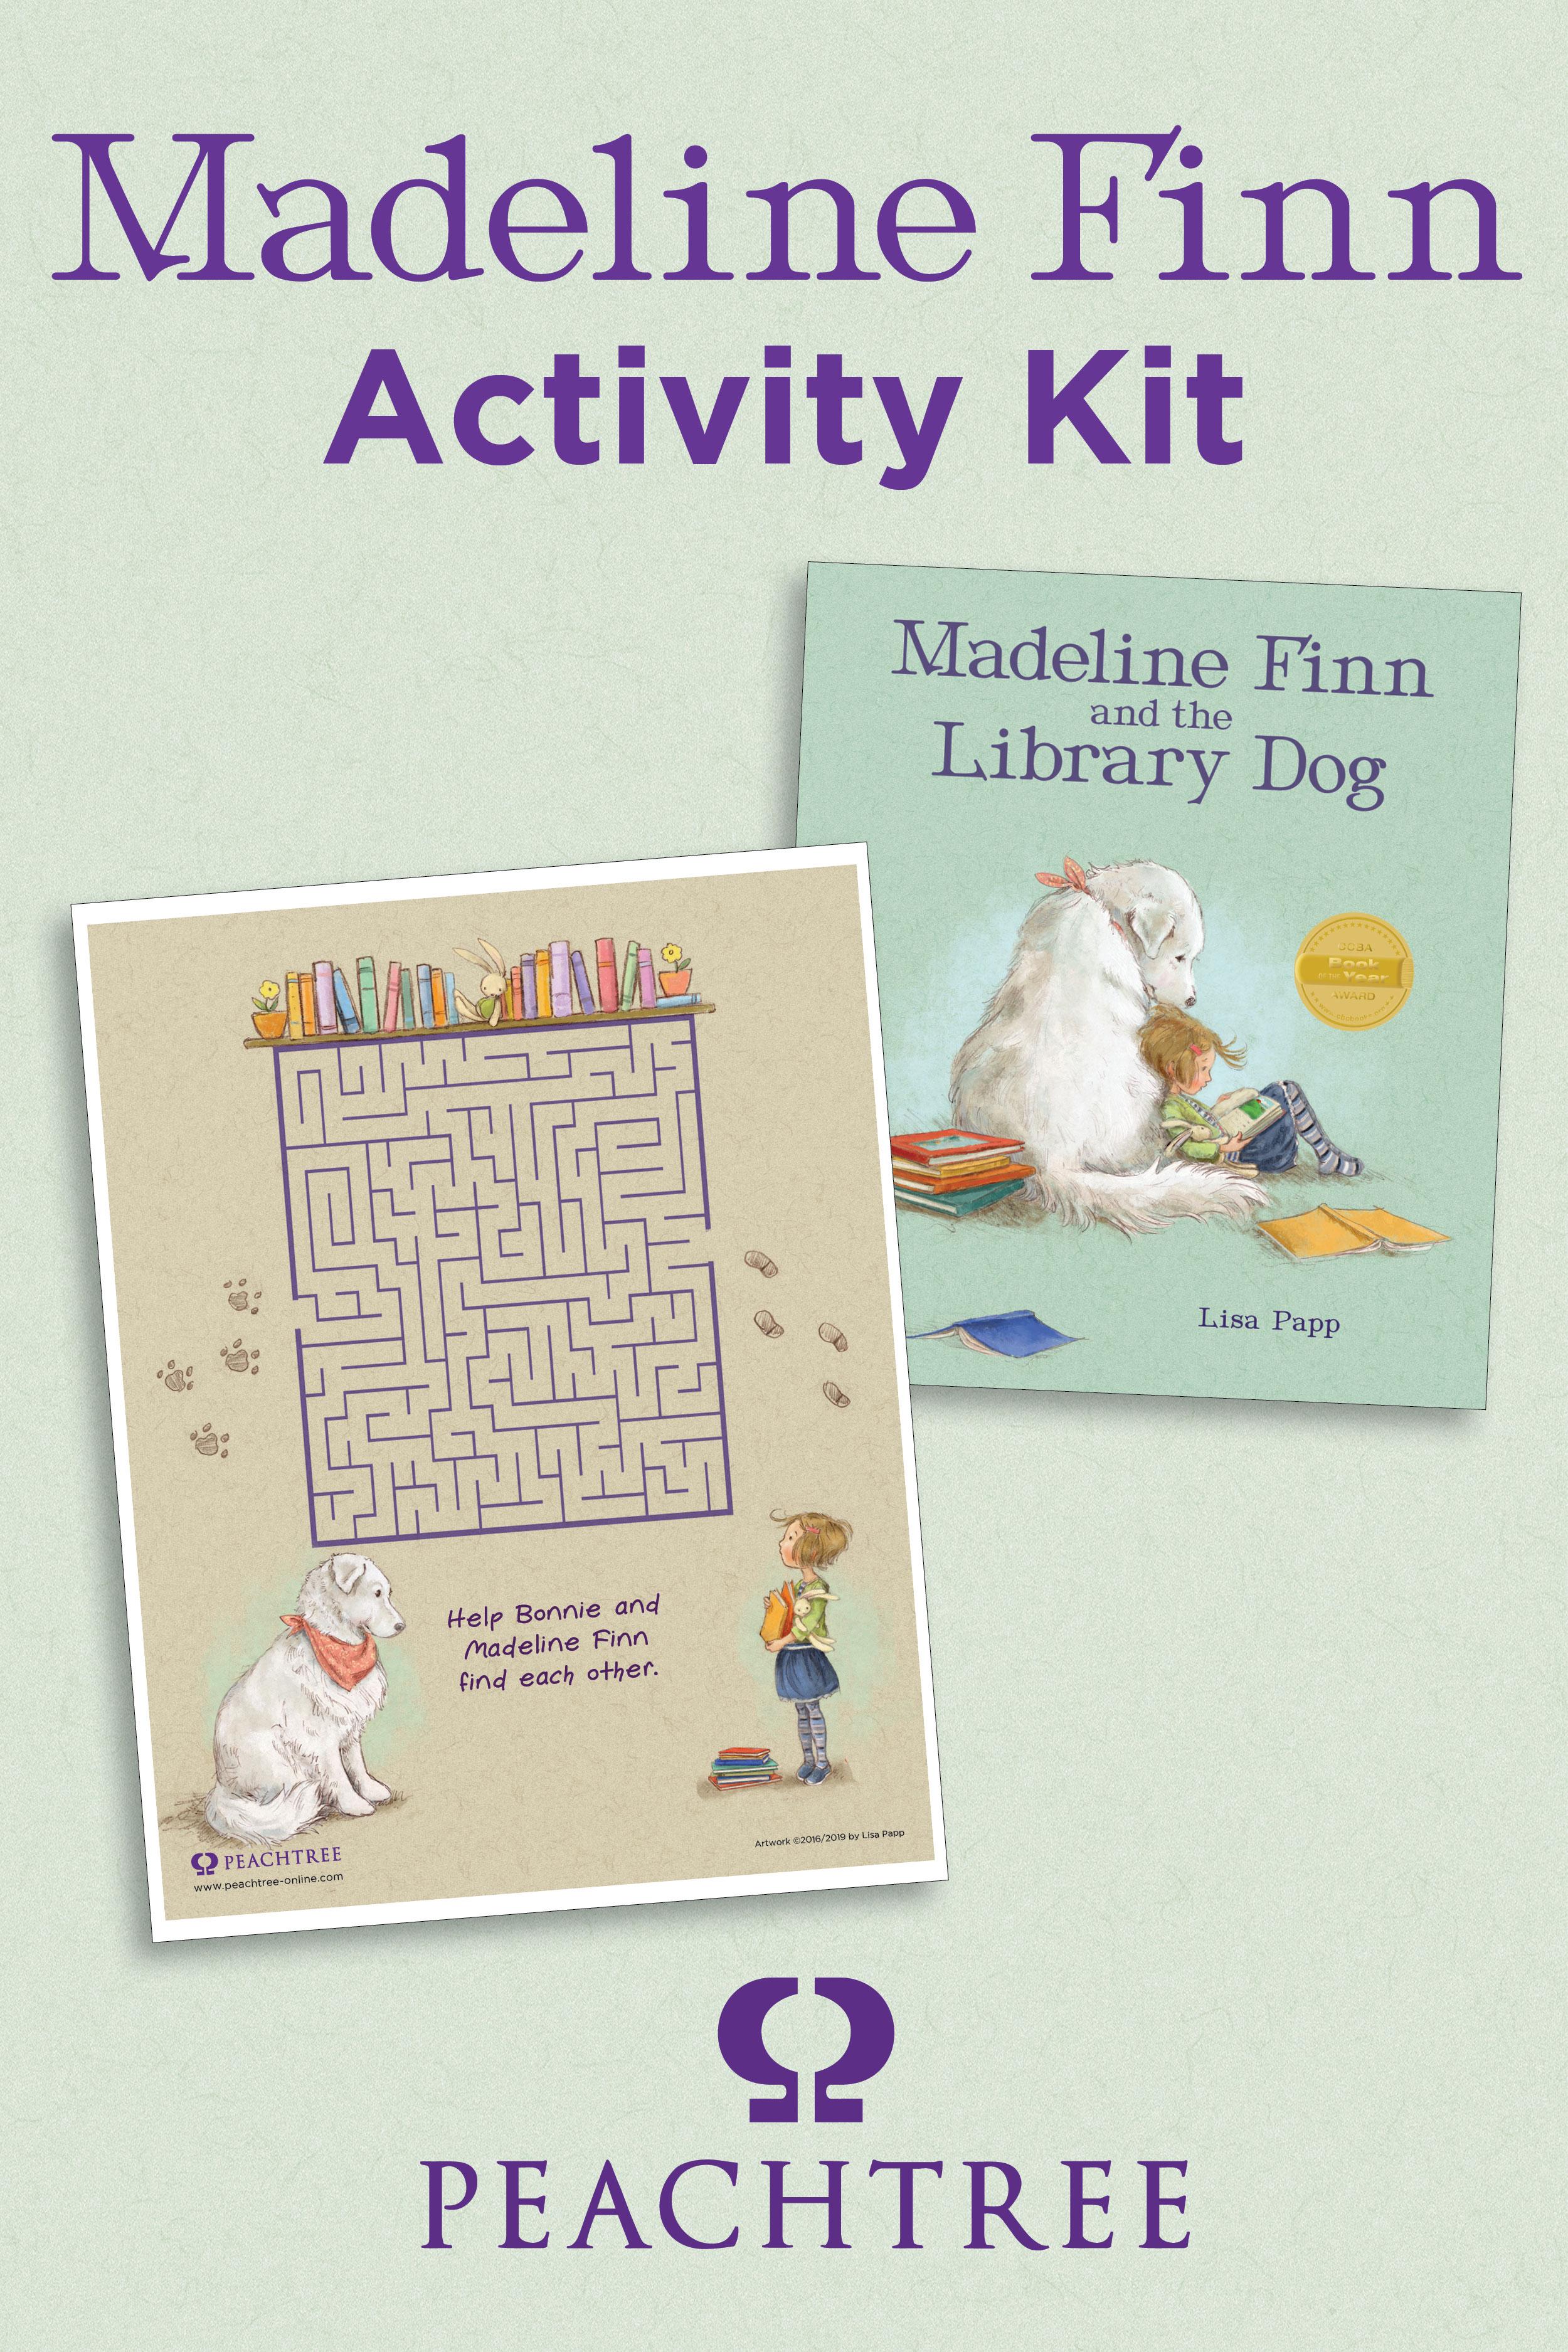 Madeline Finn Activity Kit